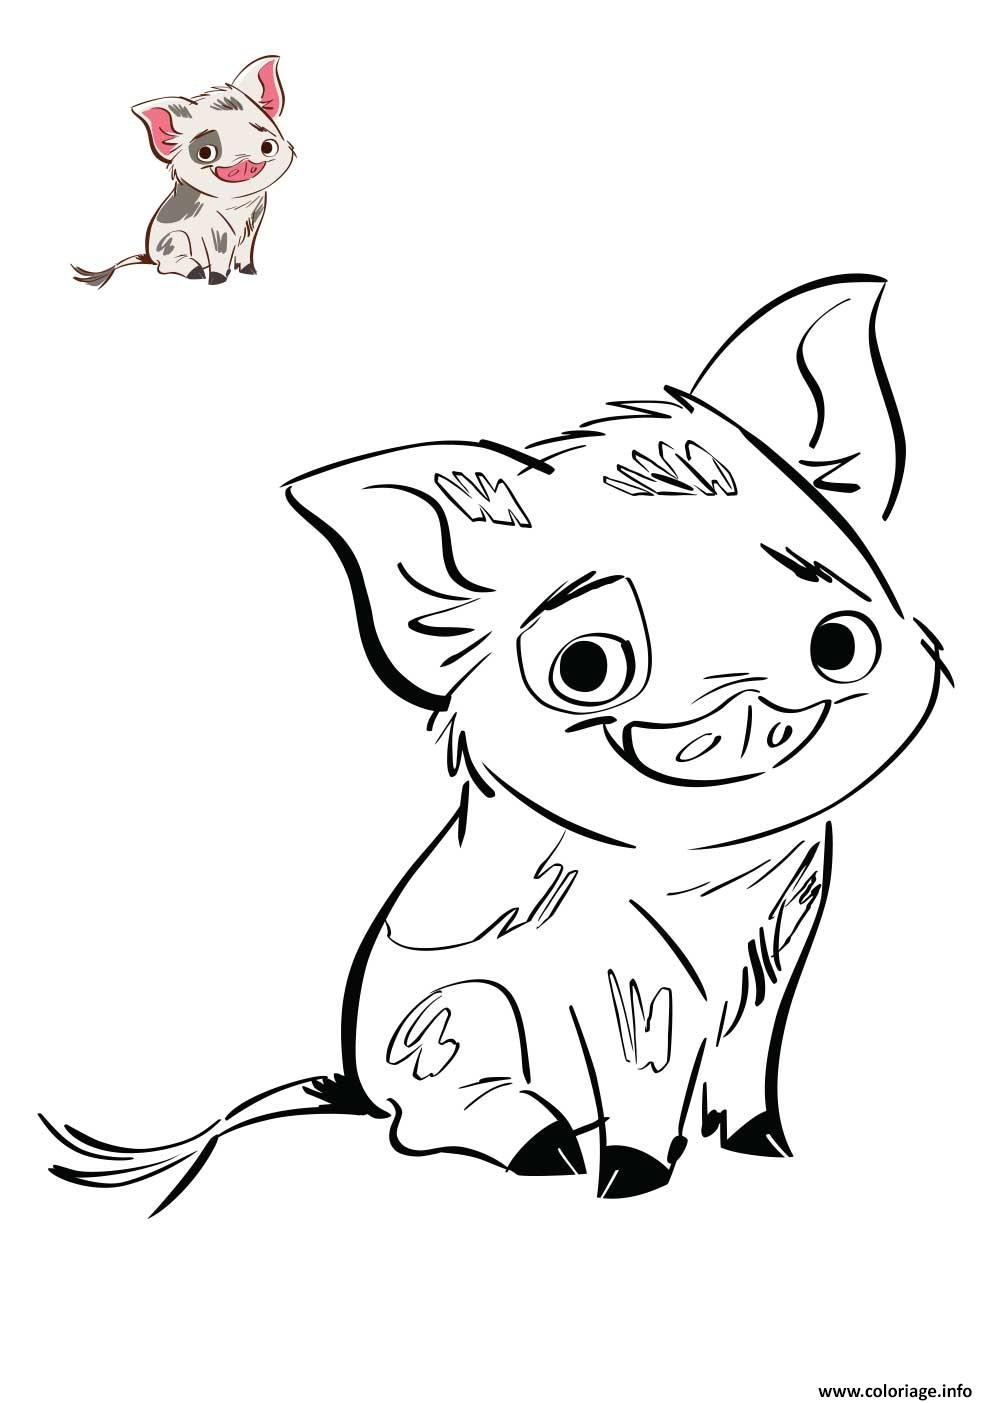 Coloriage Le Petit Cochon De Vaiana Disney Dessin tout Dessin Cochon A Colorier